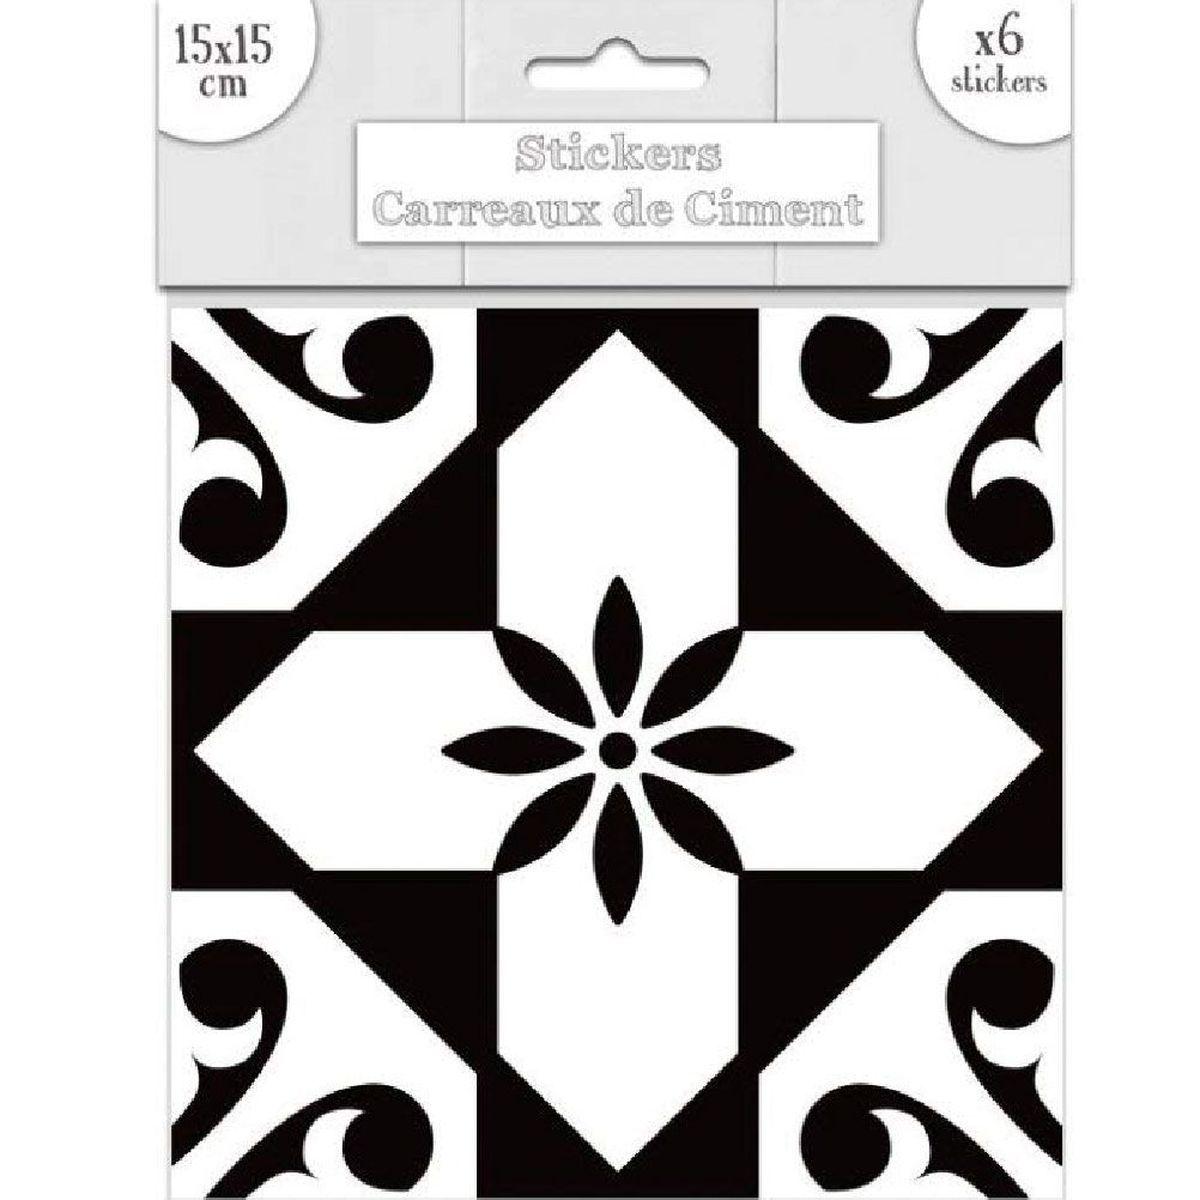 Stickers carreaux de ciment 15 x 15 cm par 6 noir et blanc Carreaux de ciment noir et blanc